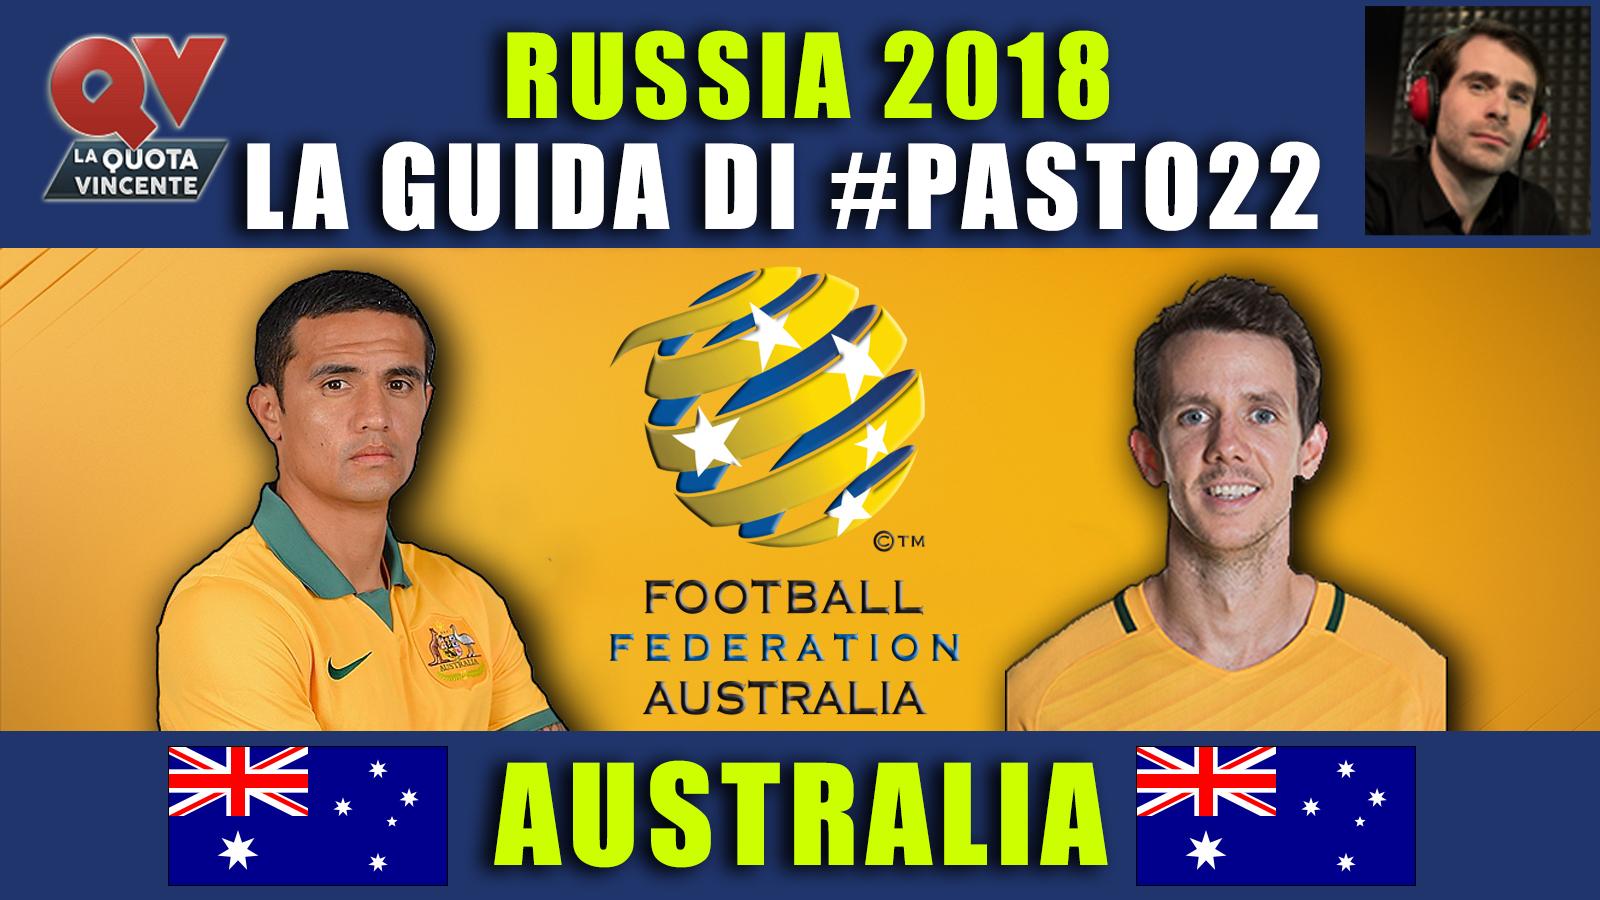 Guida Mondiali Russia 2018 Australia